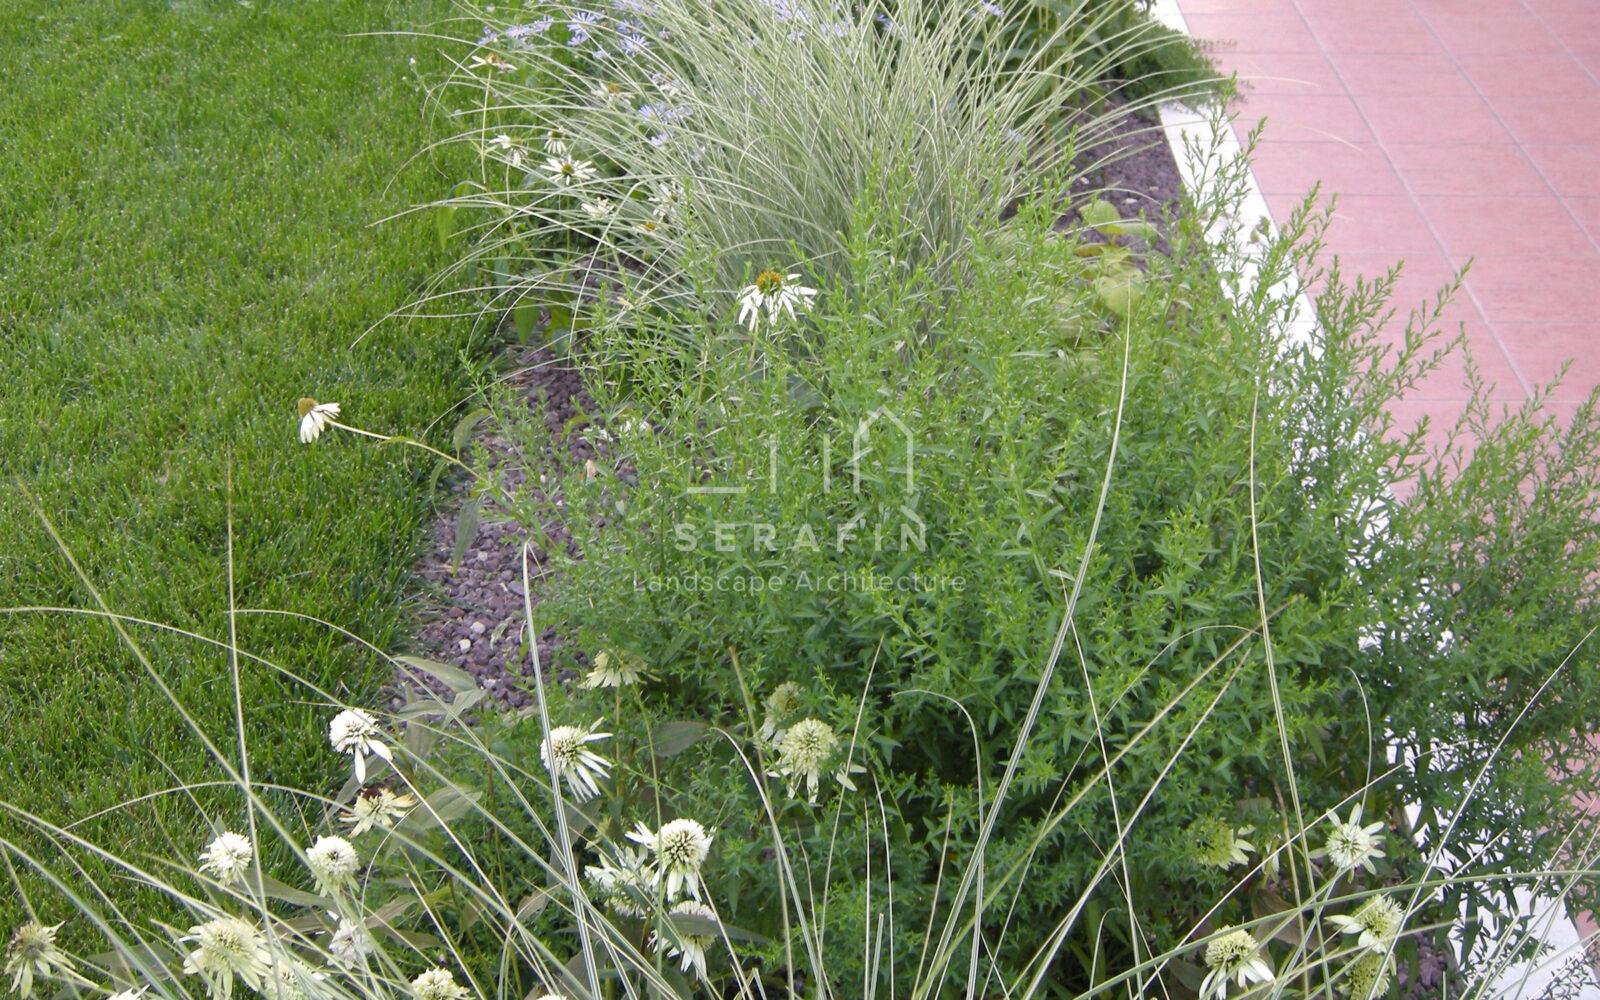 giardino privato con erbacee perenni a Treviso - 4